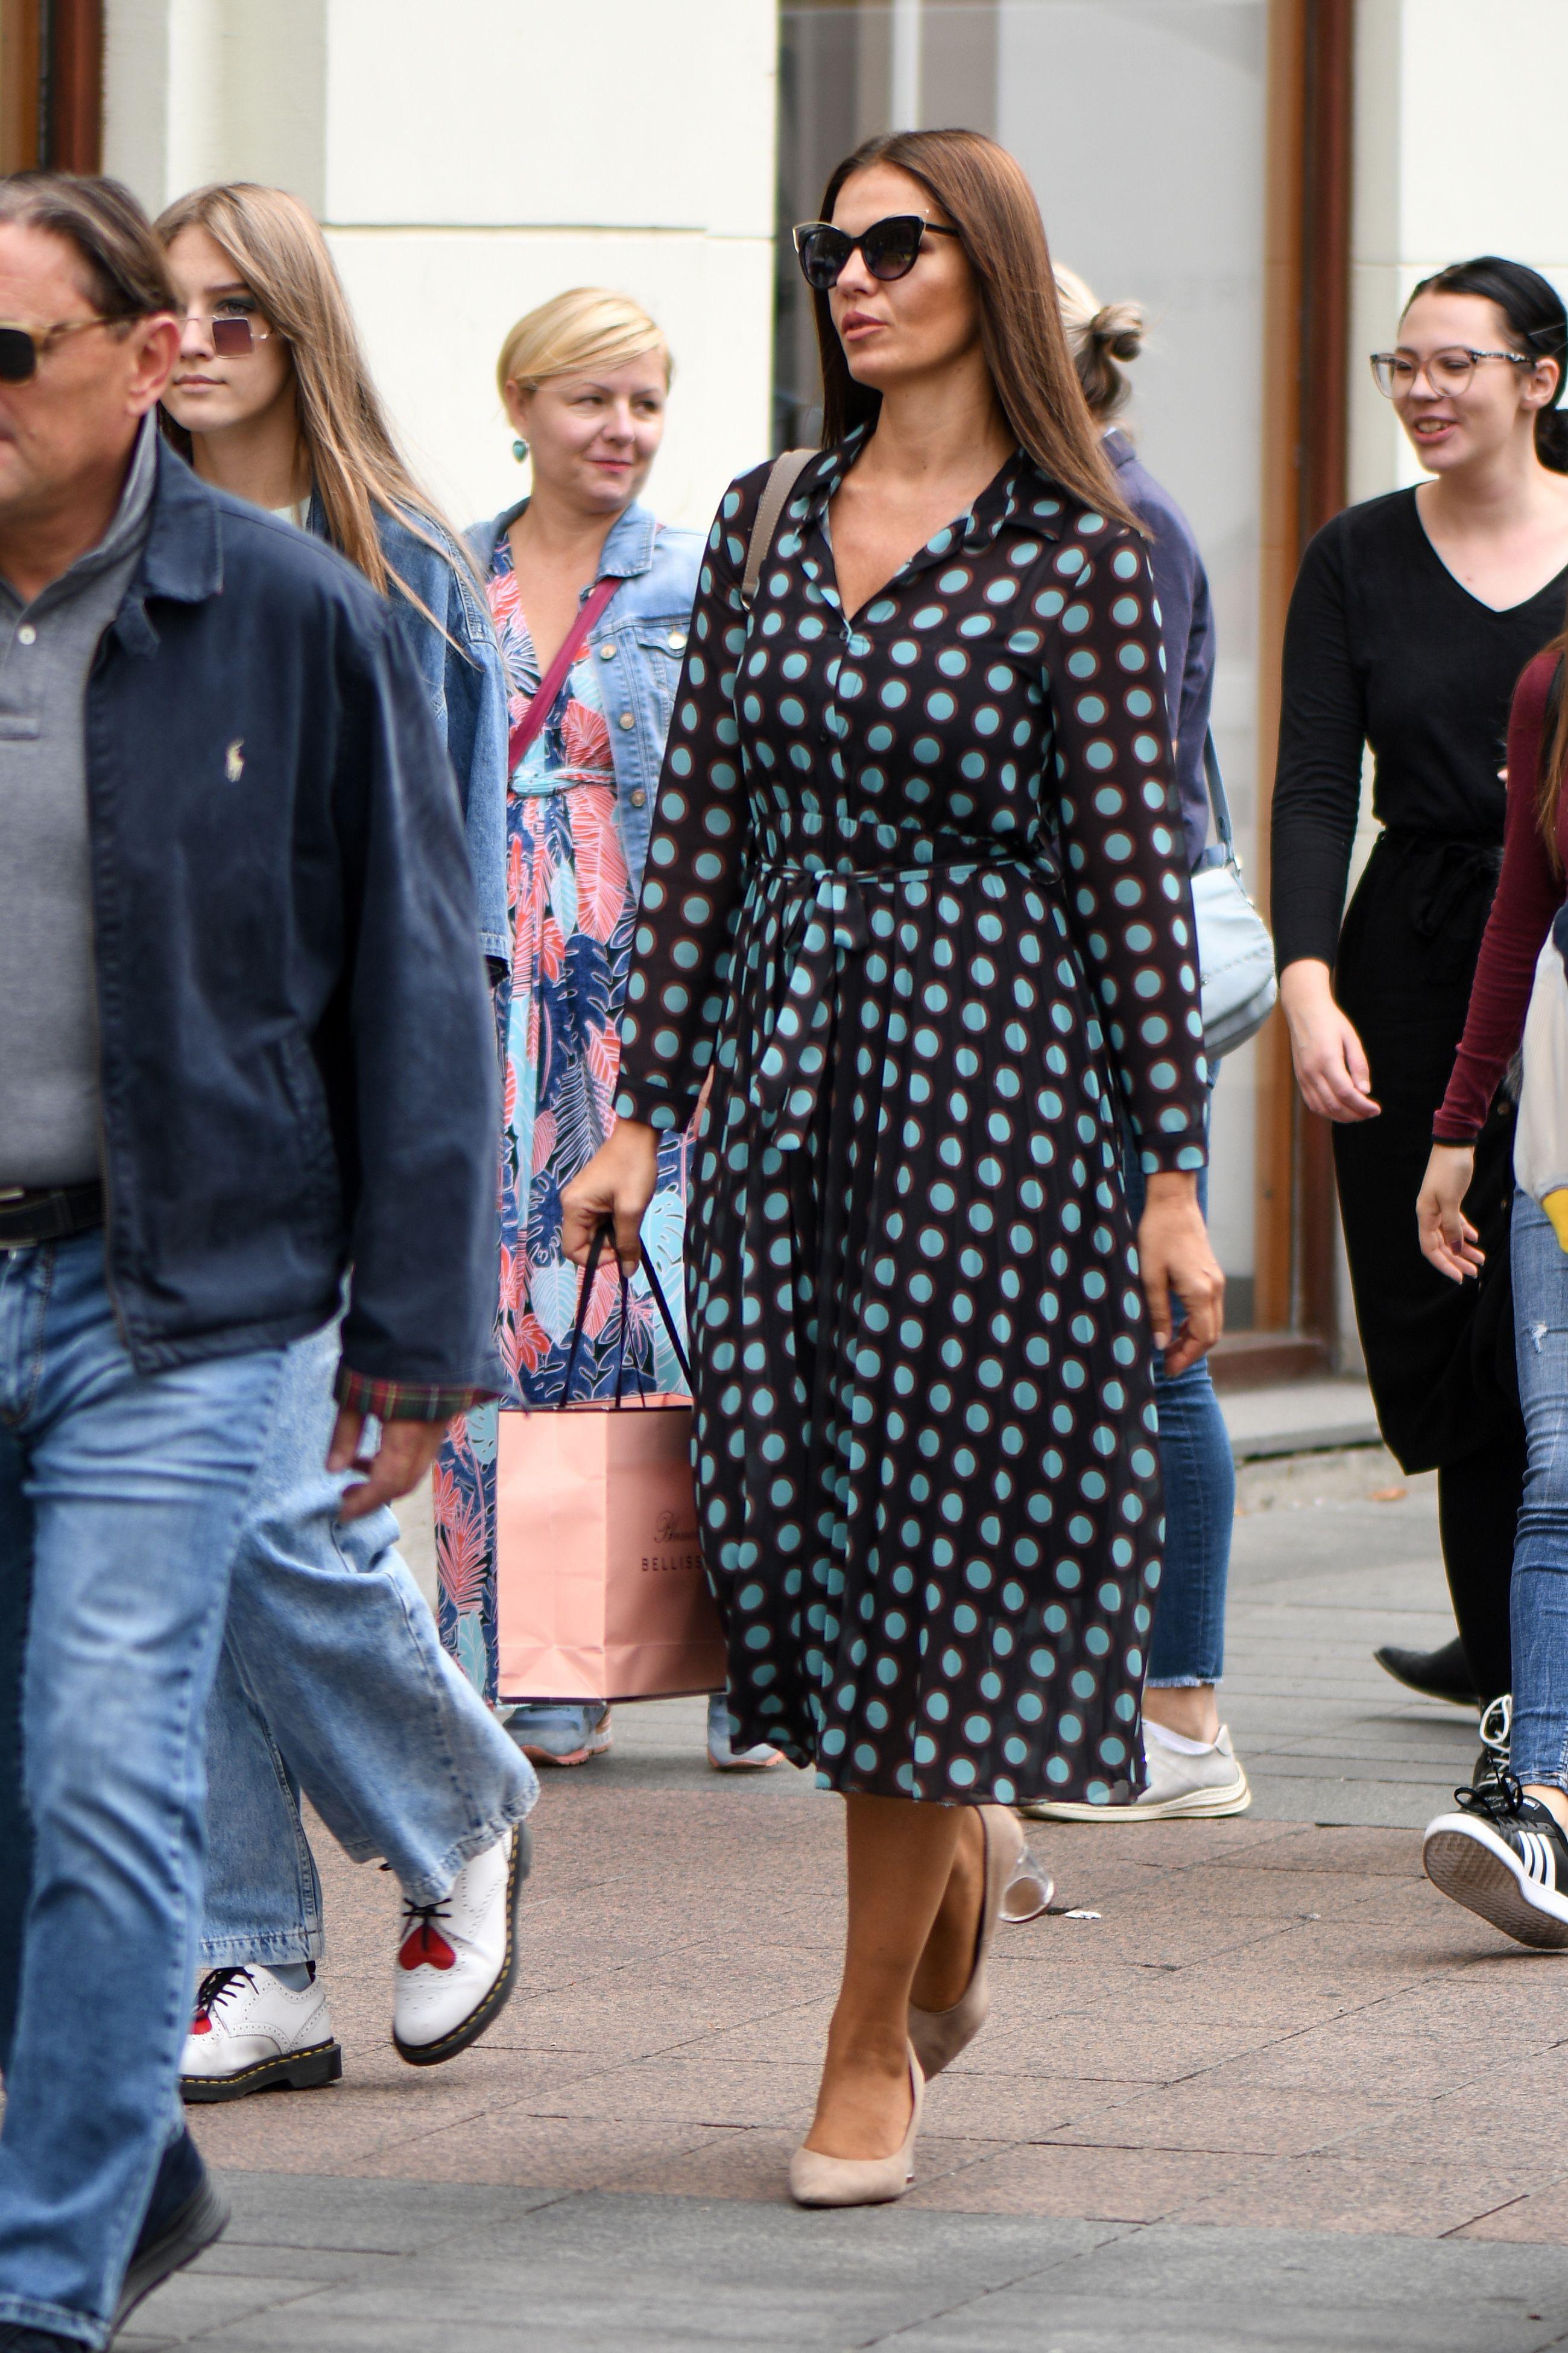 Zanosna dama u ultimativnom odjevnom komadu prošetala zagrebačkom špicom